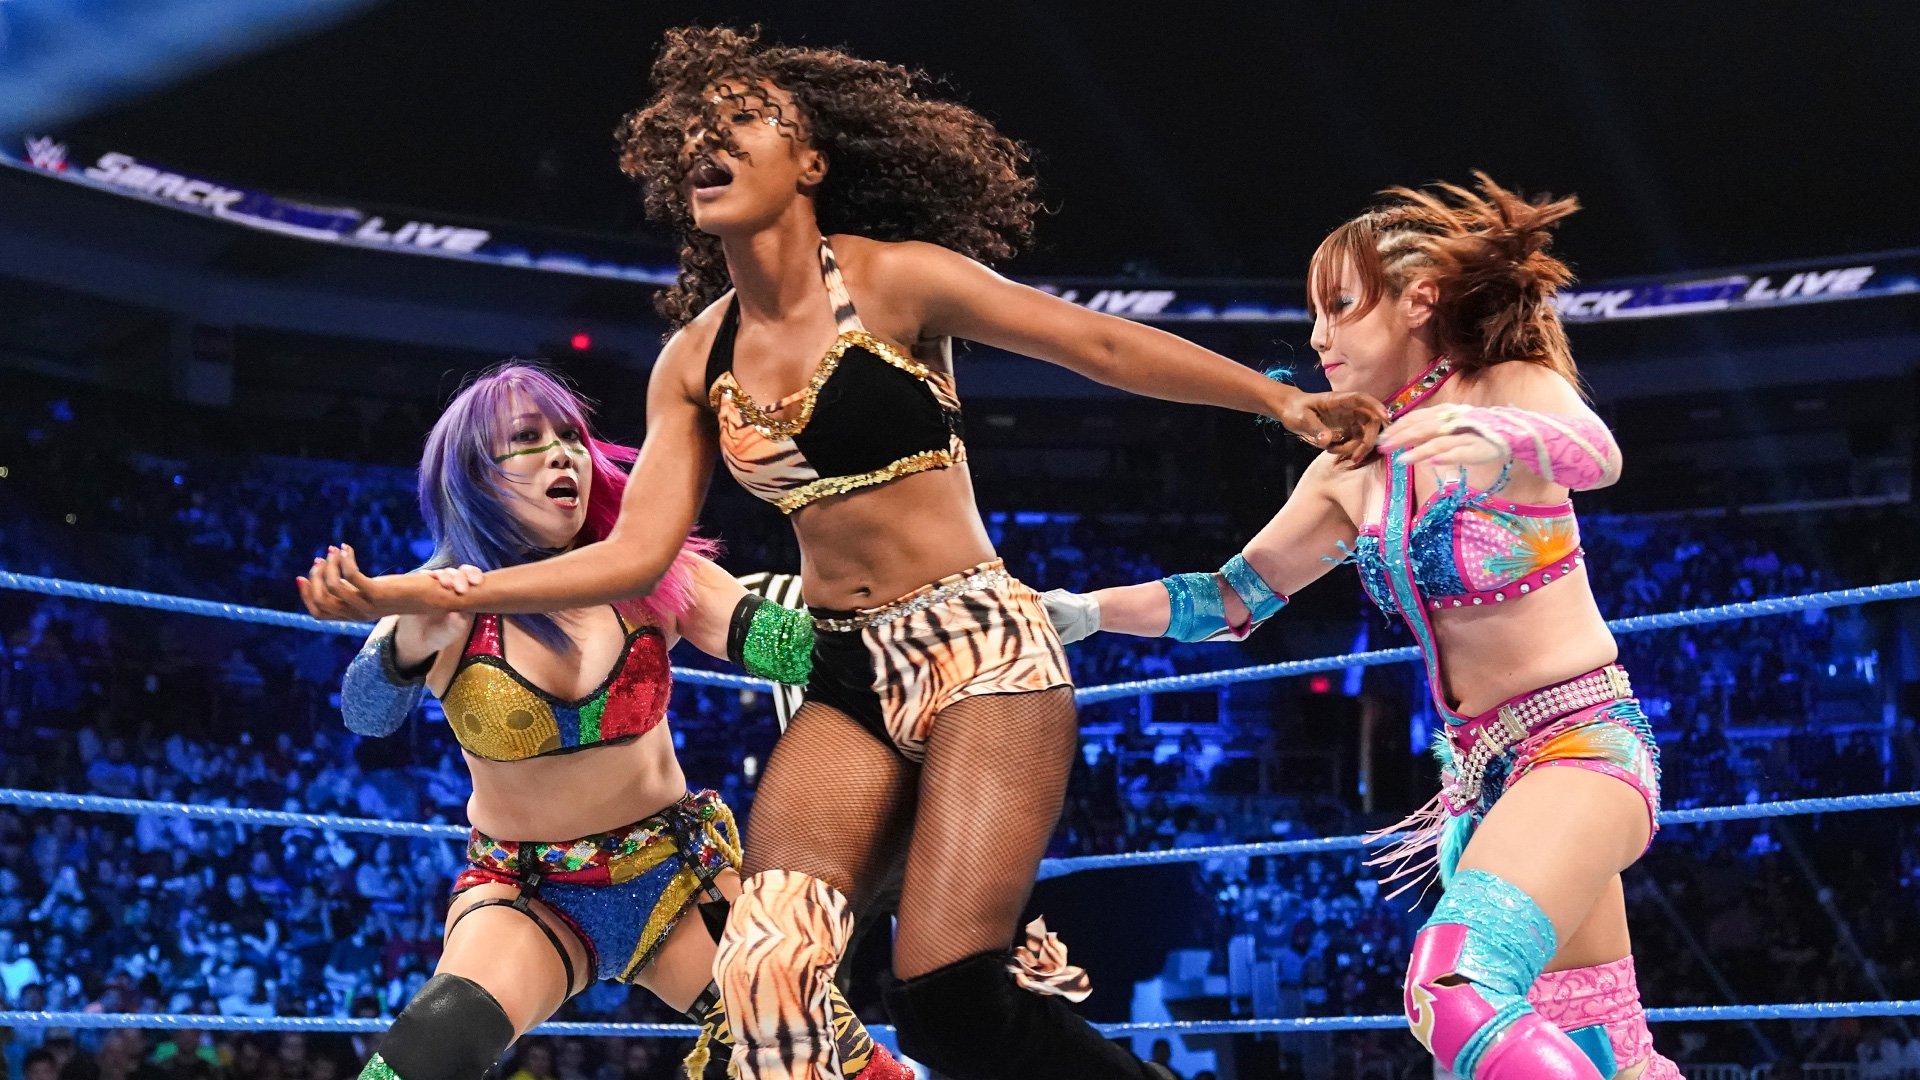 Kairi Sane & Asuka vs. Compétitrices locales : SmackDown LIVE, 30 Avril 2019